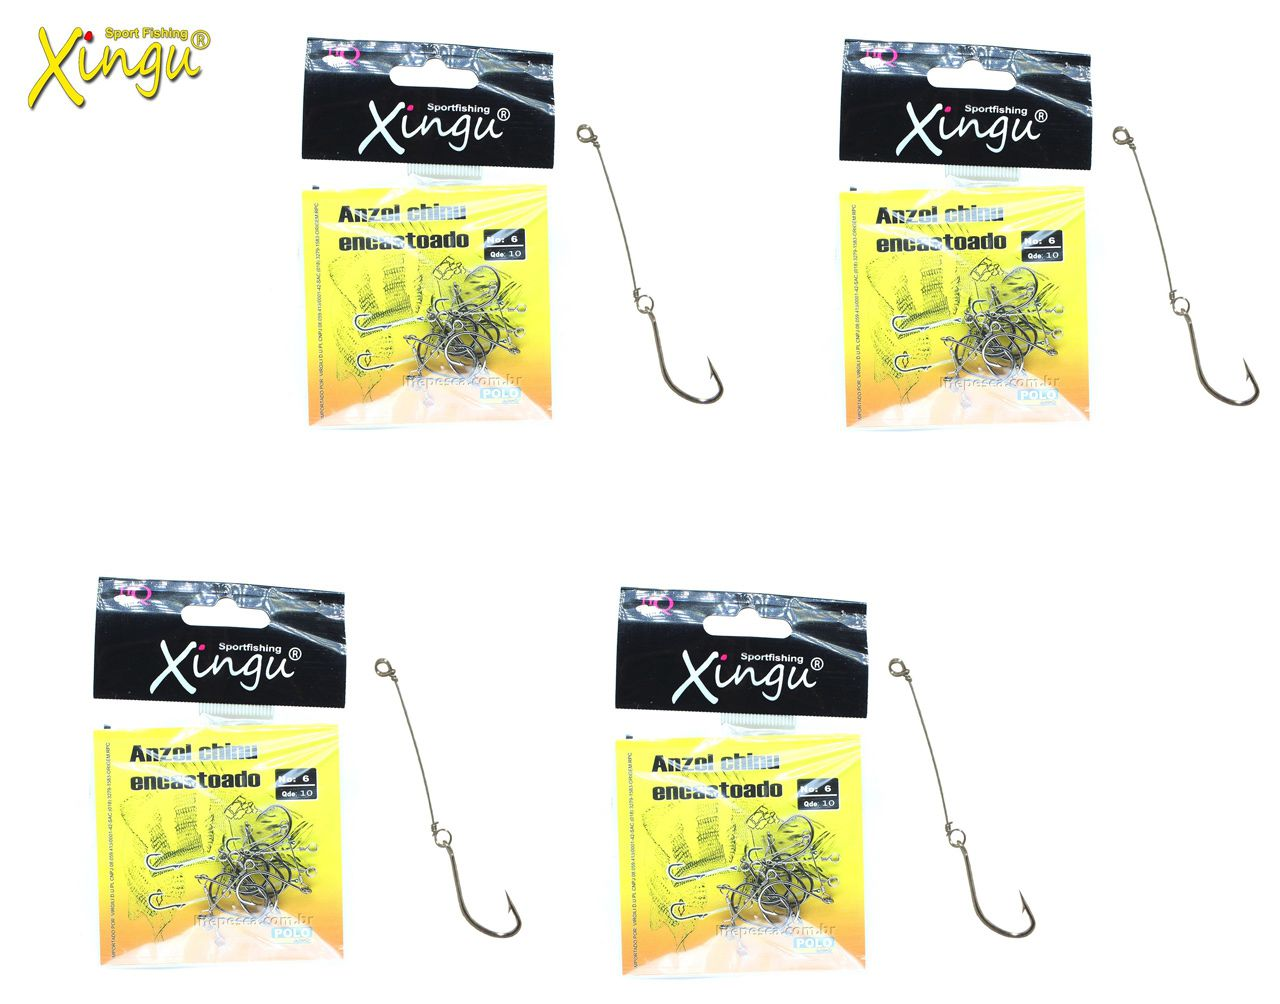 Kit 4 Cartelas Anzol Encastoado Xingu Chinu N° 6 ao 9 - 40 Peças